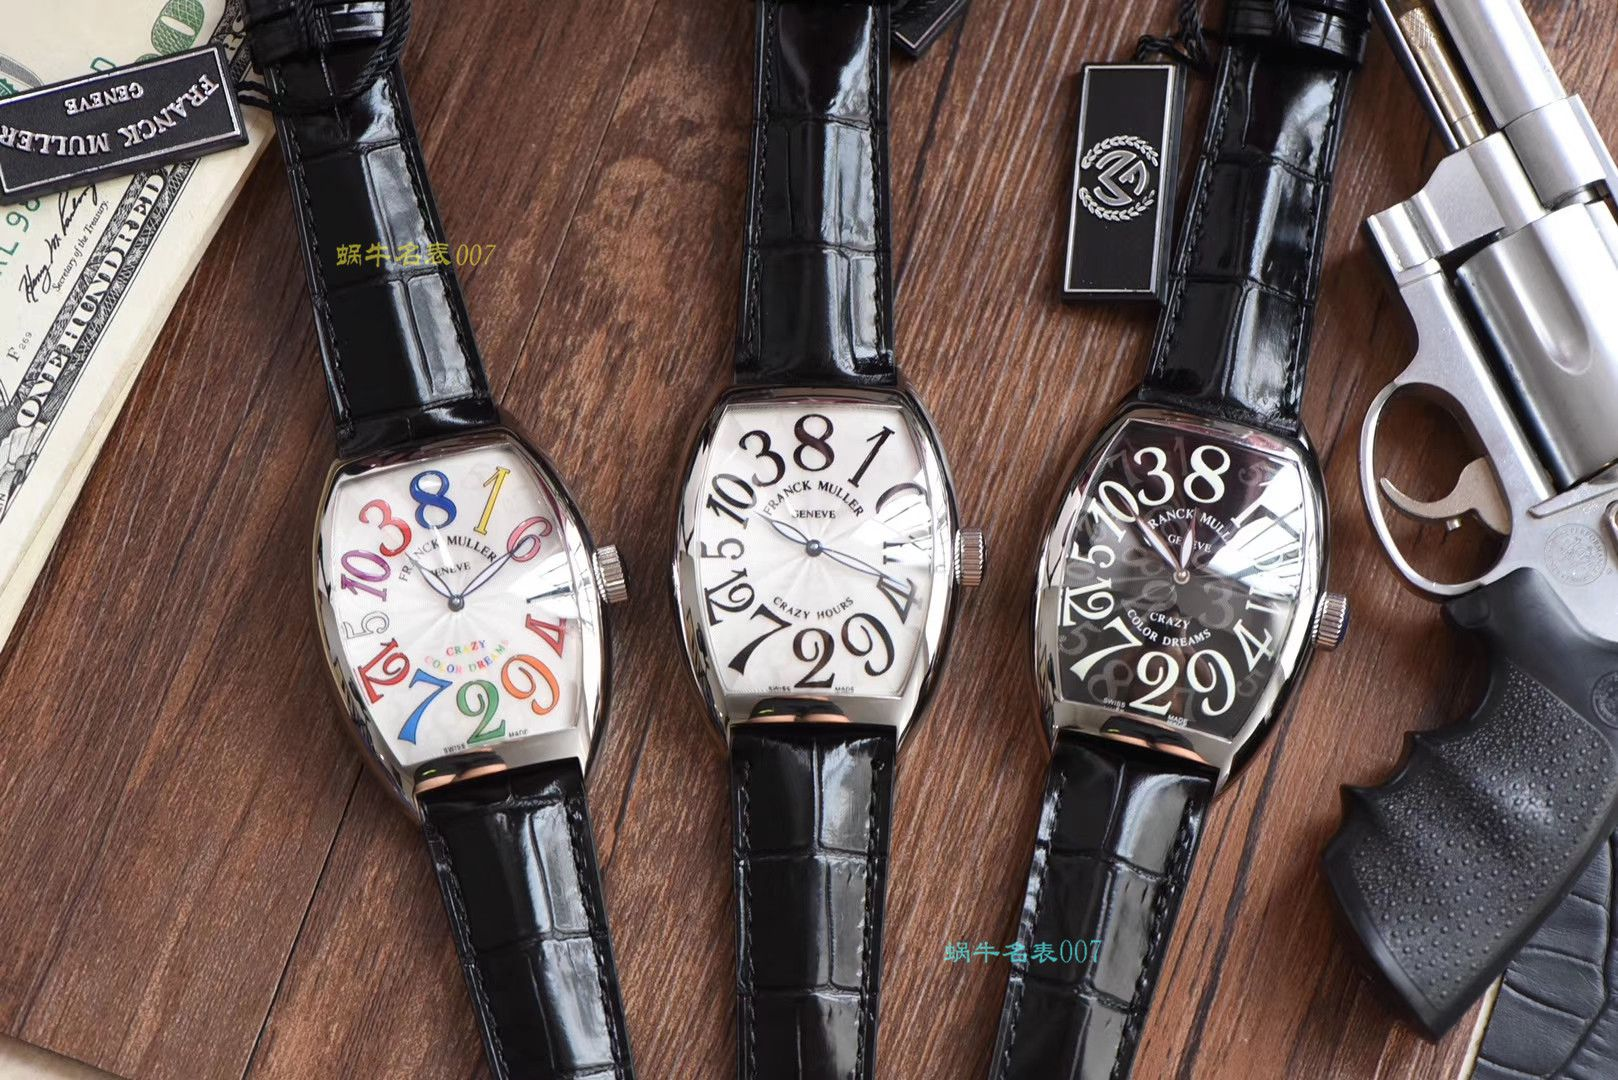 【台湾厂超A精仿法兰克穆勒手表】Franck Muller法穆兰CRAZY HOURS 系列8880 CH COL DRM腕表 / FL037